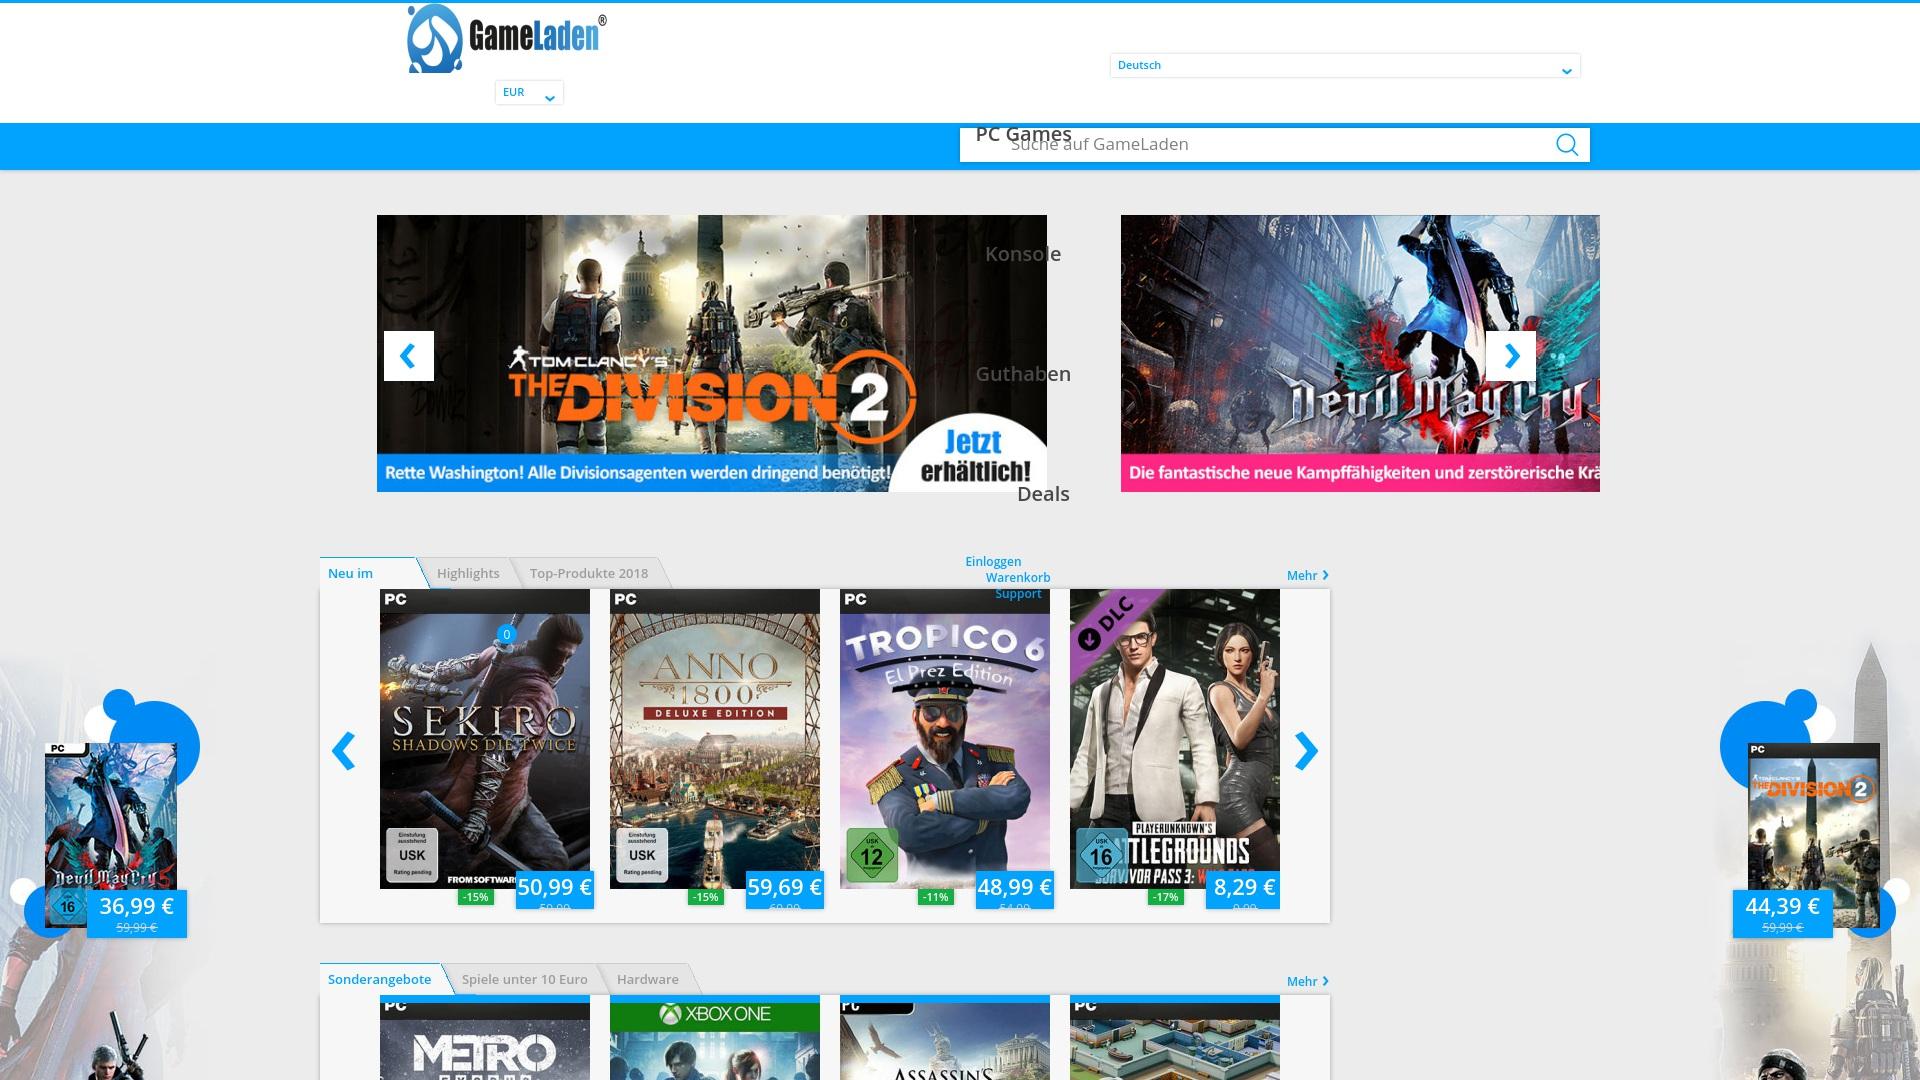 Gutschein für Gameladen: Rabatte für  Gameladen sichern